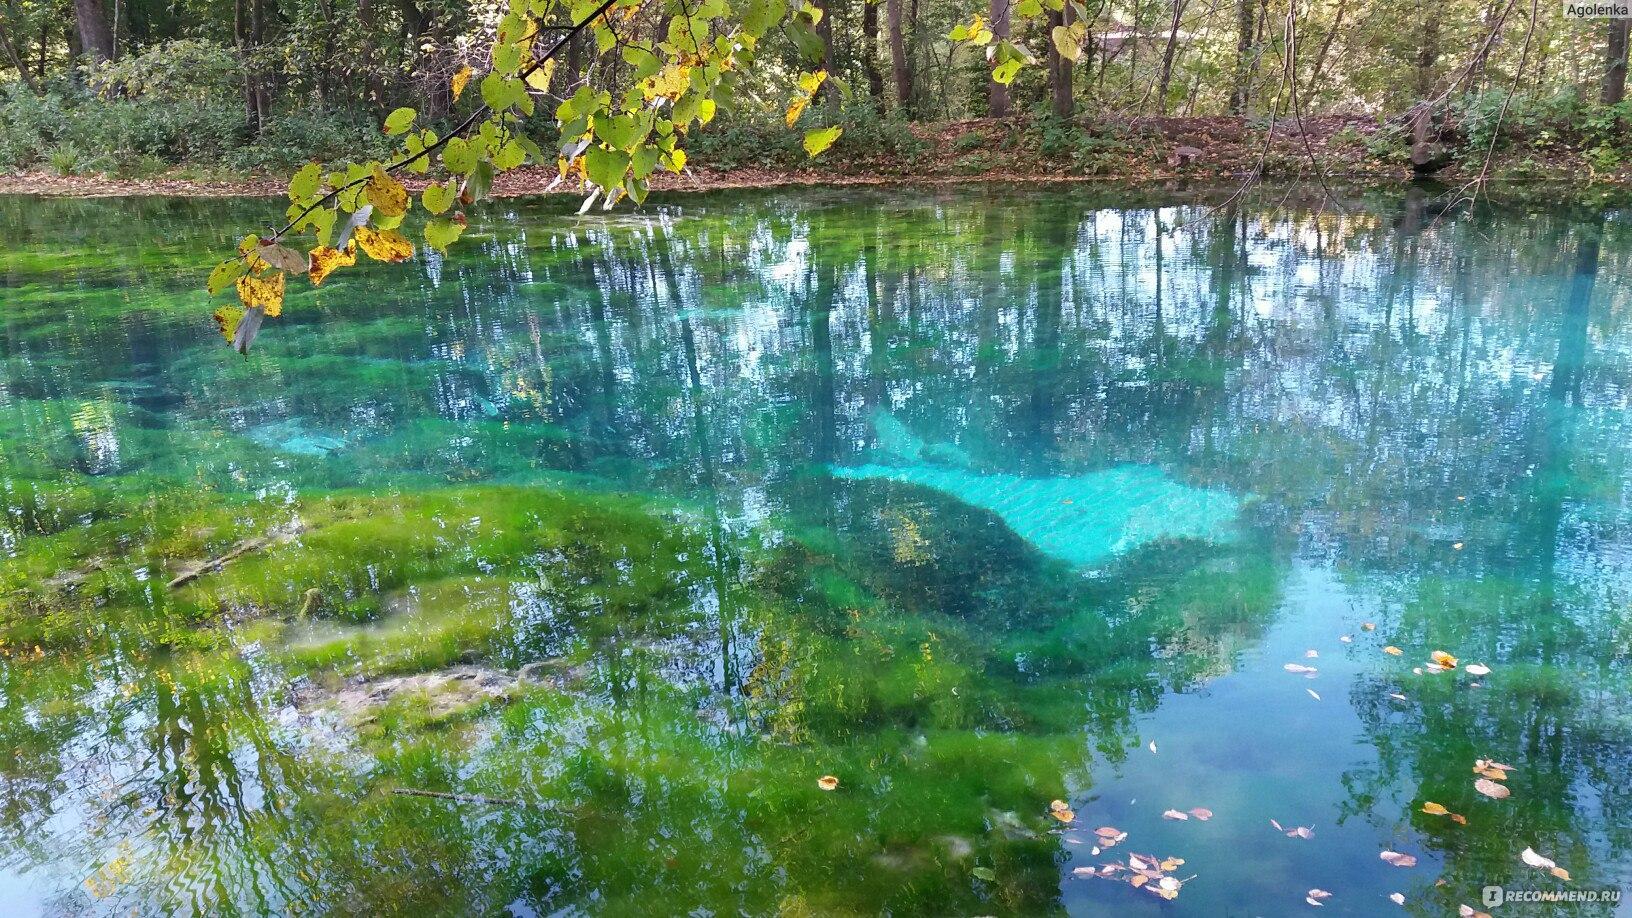 рассказала, голубое озеро в краснодаре фото номере